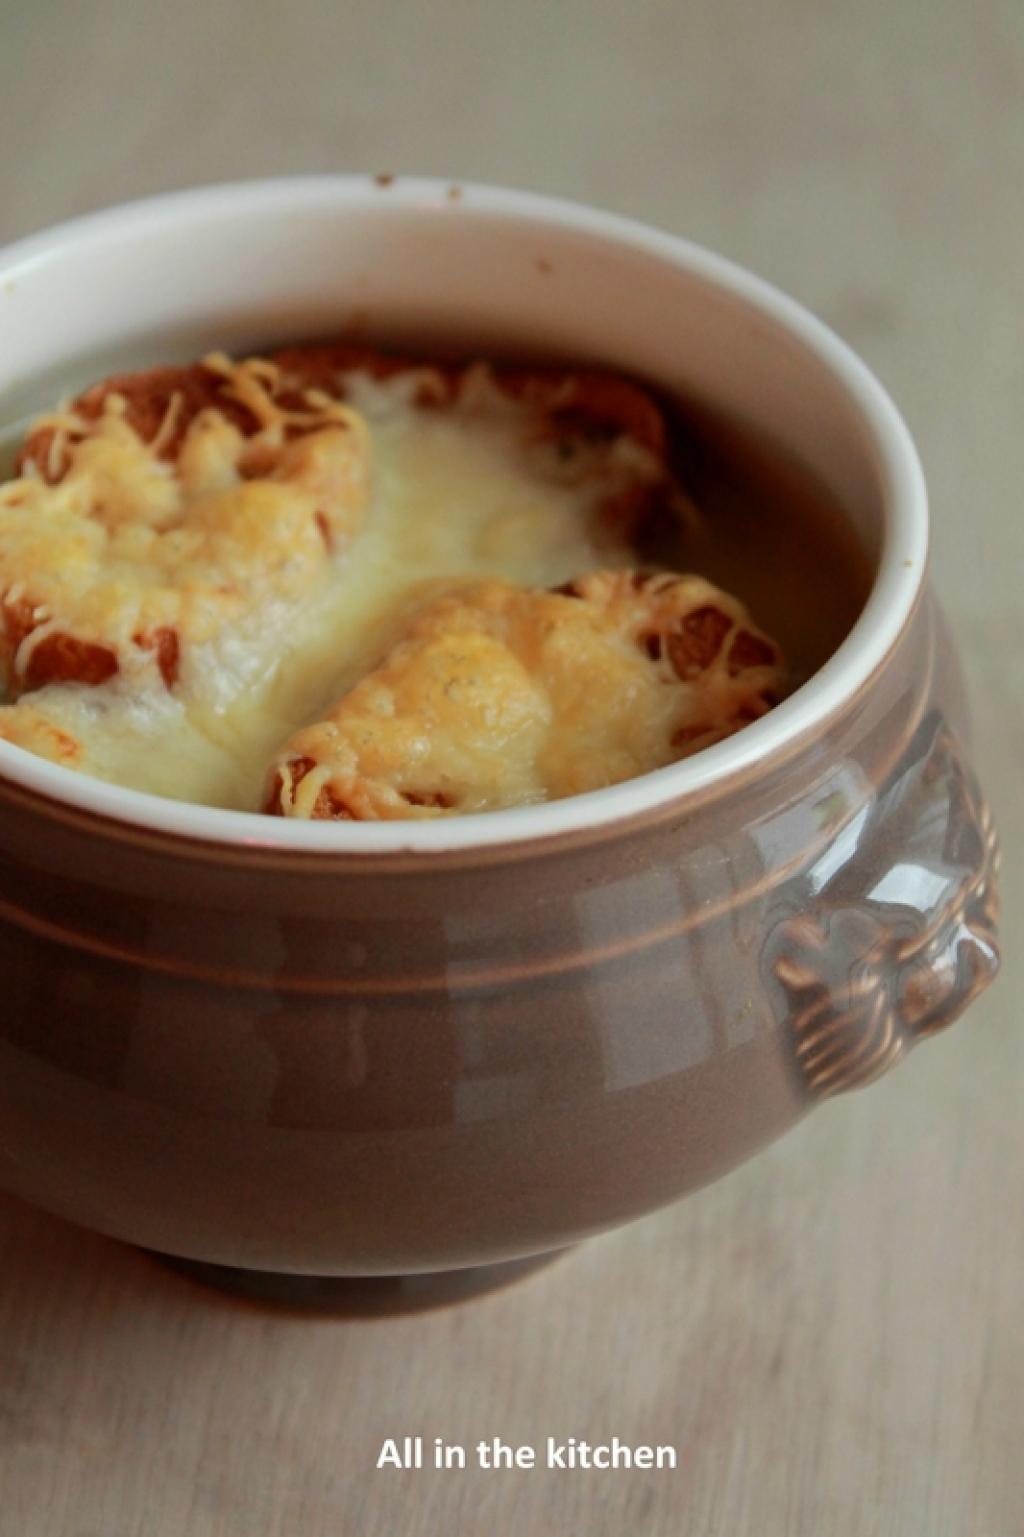 Recette soupe l 39 oignon gratin e 192250 - Soupe a l oignon gratinee ...